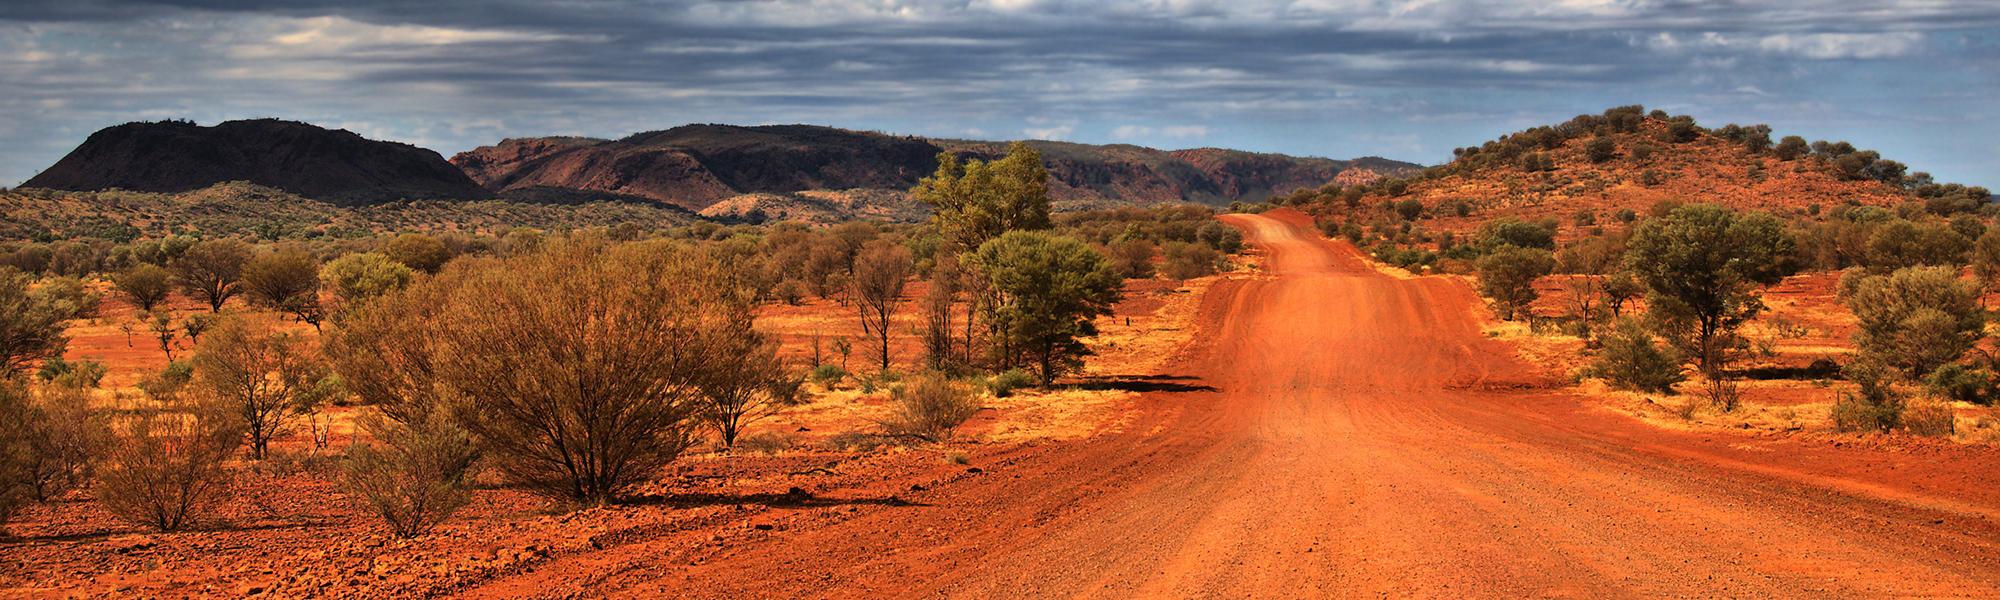 Outback.Company